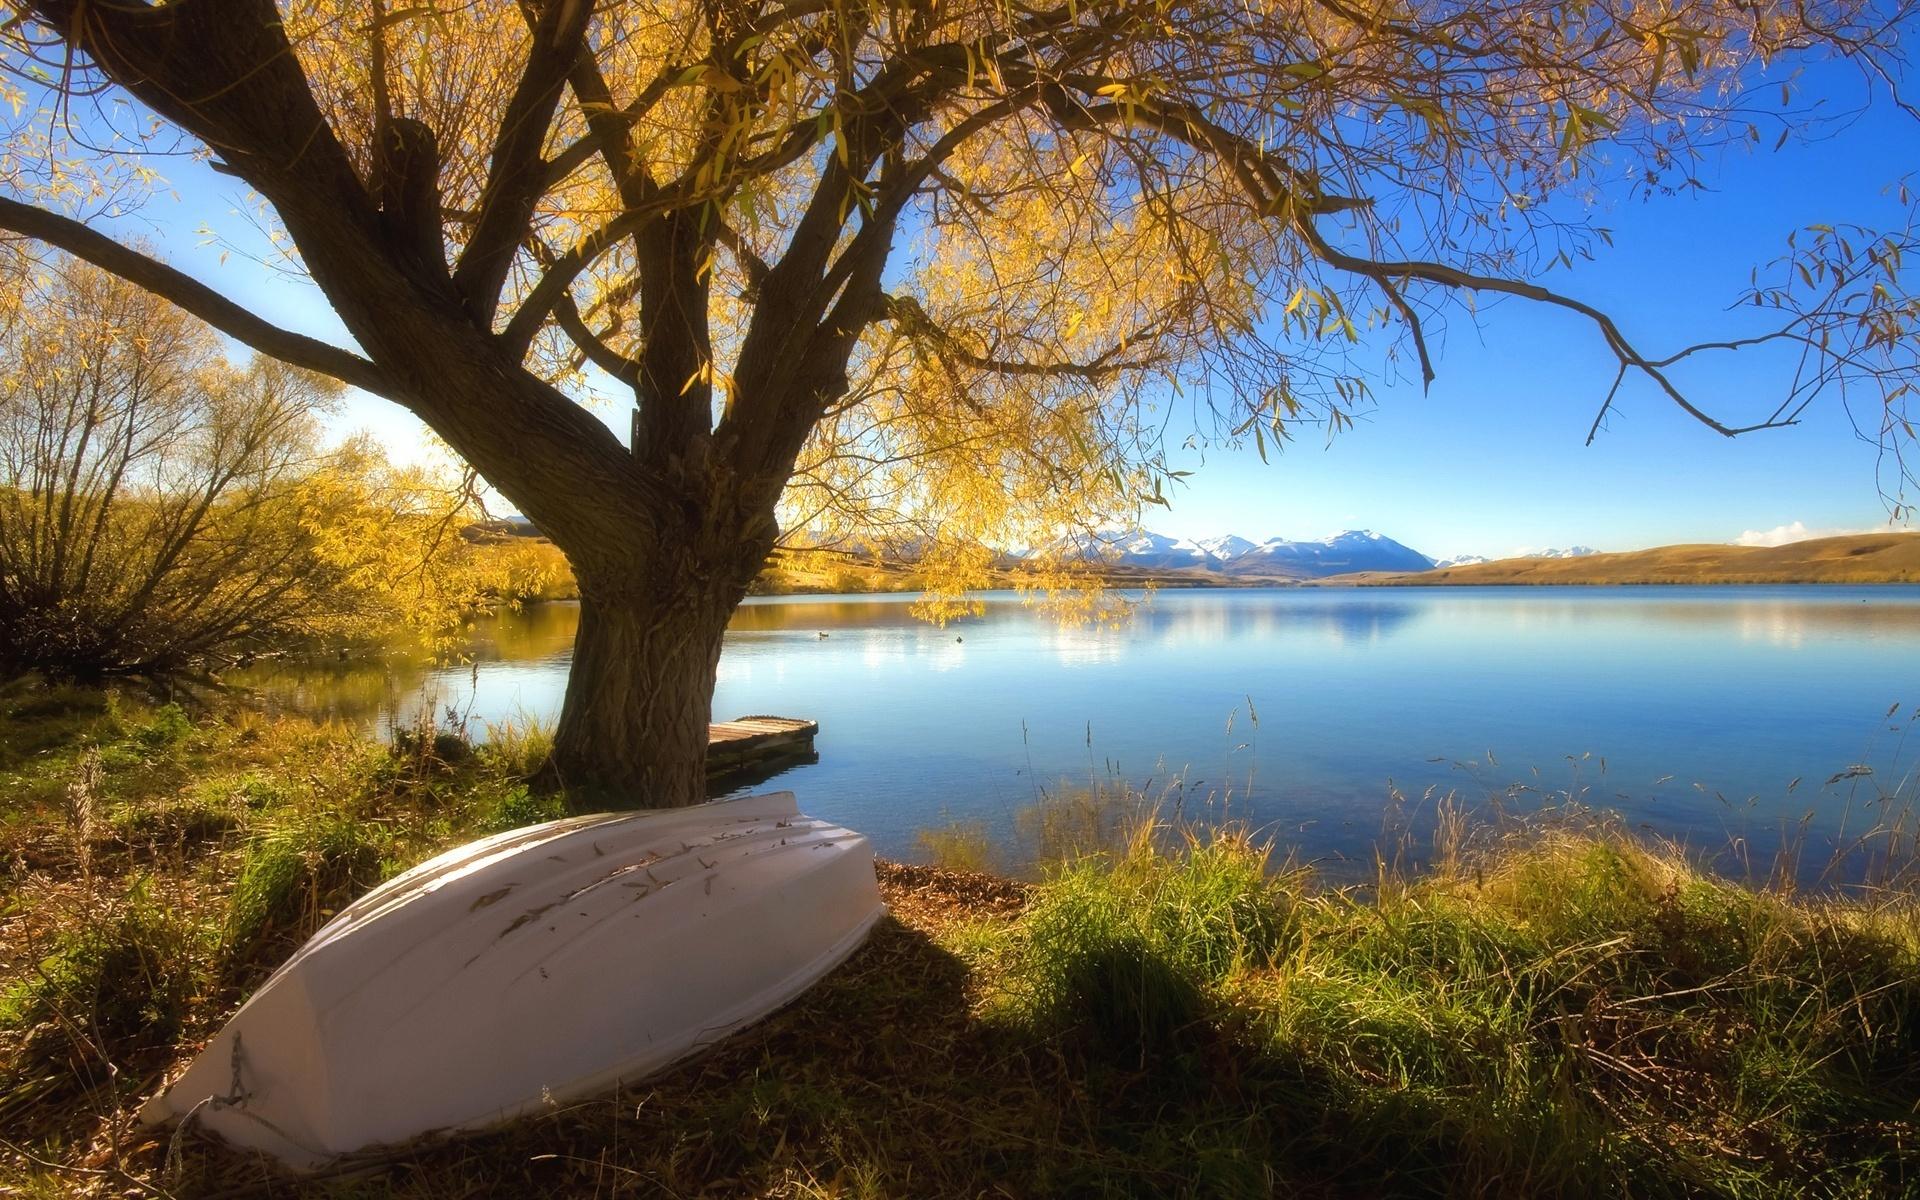 Hình nền phong cảnh đẹp bên bờ hồ